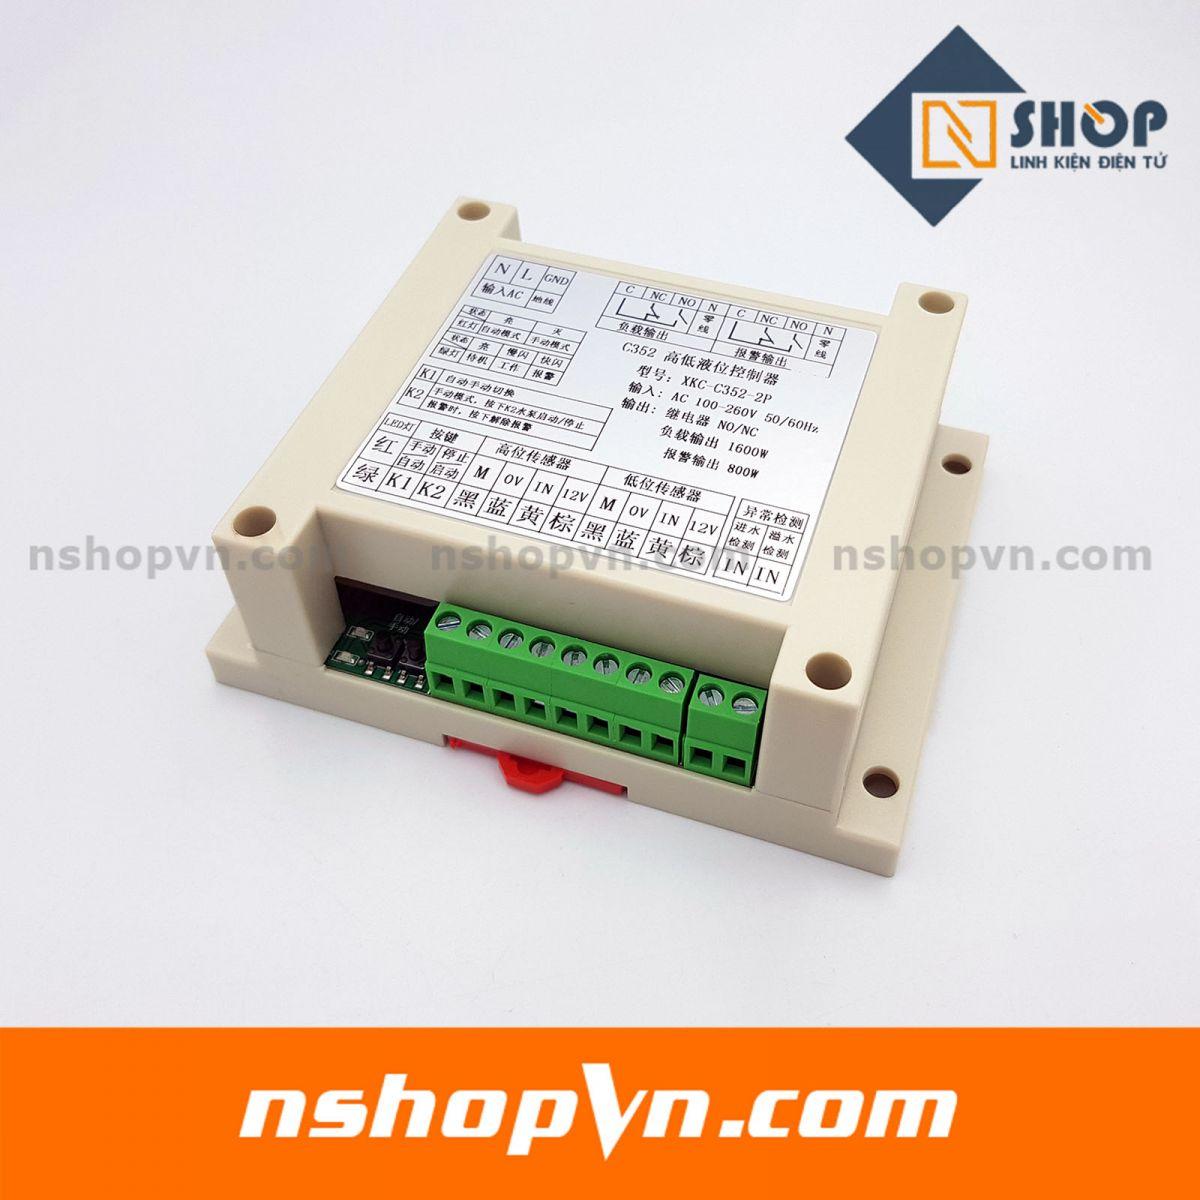 Mạch bật tắt máy bơm theo mực nước XKC-C352-2P